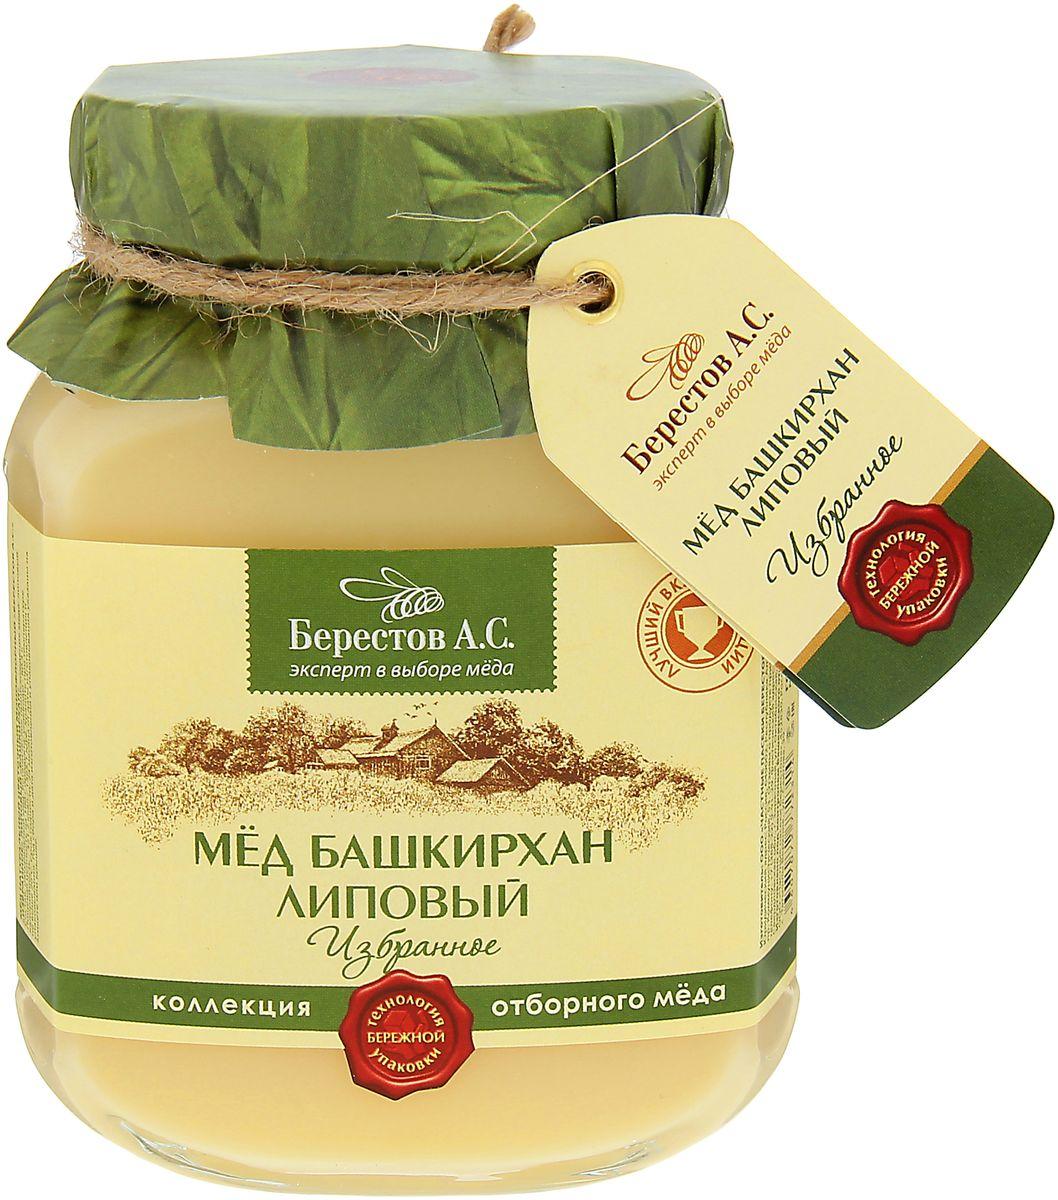 """Для коллекции «Избранное» нашими экспертами отобраны исключительно премиальные сорта мёда, обладающие уникальным характером и многогранным вкусом. Каждый урожай мёда неповторим и мы предлагаем вам только самое лучшее из коллекции этого года. Мед Башкирхан Липовый из коллекции """"Избранное"""". Нежный липовый мед – подлинная жемчужина коллекции, щедрый дар медоносных долин Великой Степи. Изысканный и сложный букет этого сорта отличает пикантное сочетание липы, ванили и спелого абрикоса, а роскошный ликёрный вкус украшают многослойные оттенки апельсина, чайной розы и белого вина с легким мятным послевкусием. Высокое качество, проверенная годами и положительно зарекомендовавшая себя многоступенчатая система отбора мёда для коллекции «Избранное» гарантирует высочайшее качество натурального меда «Берестов А.С.» и соответствие всем требованиям ГОСТ. Мёд «Берестов А.С.» получил заслуженное признание ценителей и экспертов. Это подтверждено многочисленными наградами крупнейших..."""